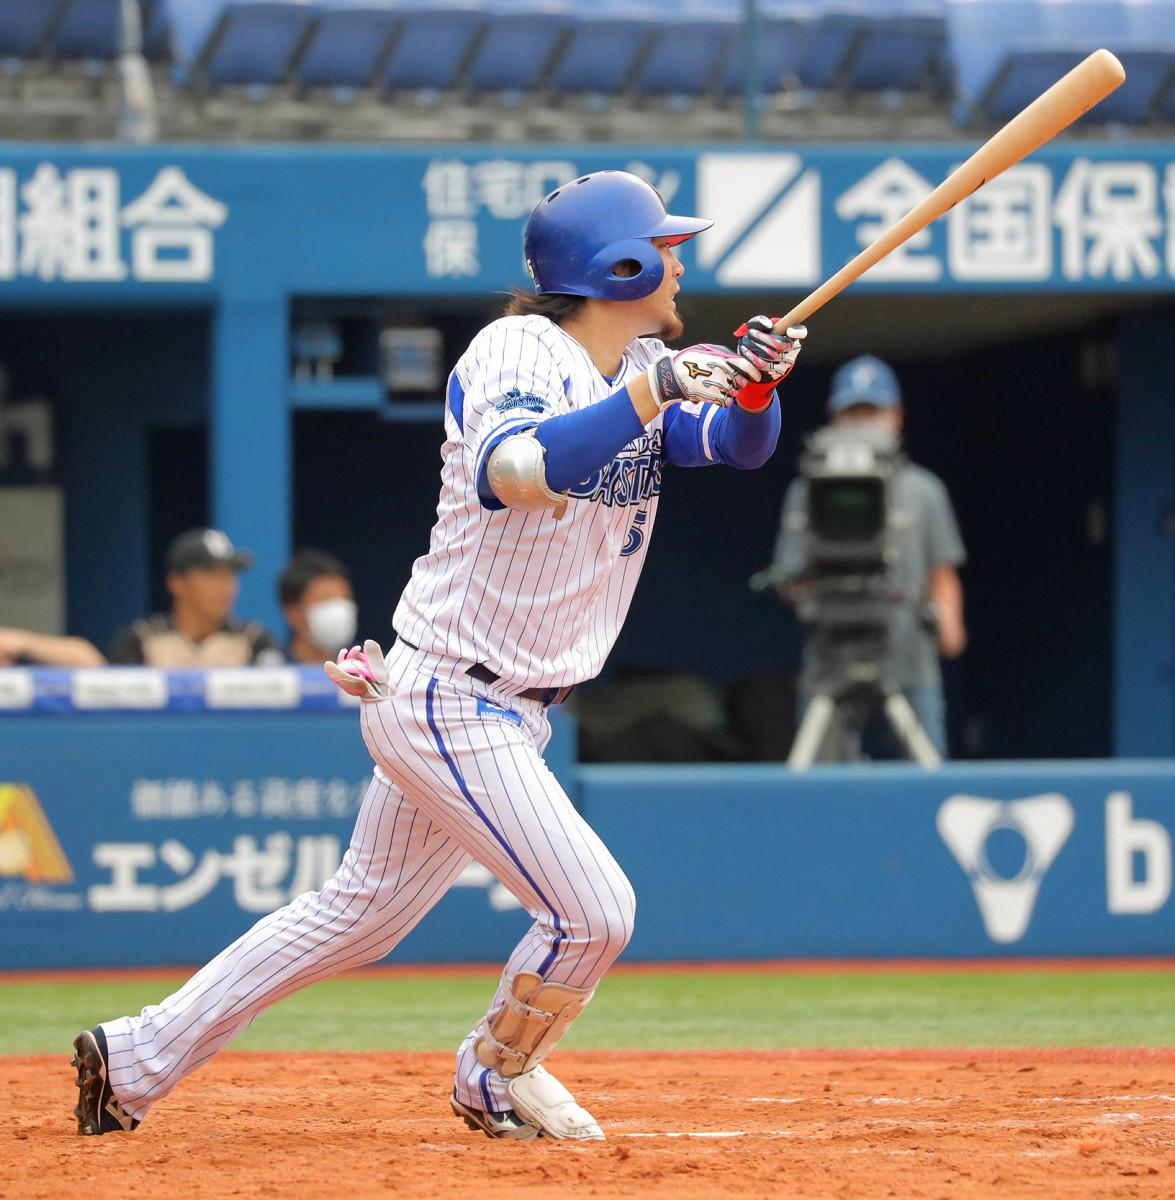 【DeNA】途中出場の倉本寿彦が適時二塁打で開幕1軍へアピール「引き続きチャンスをものにできるように」